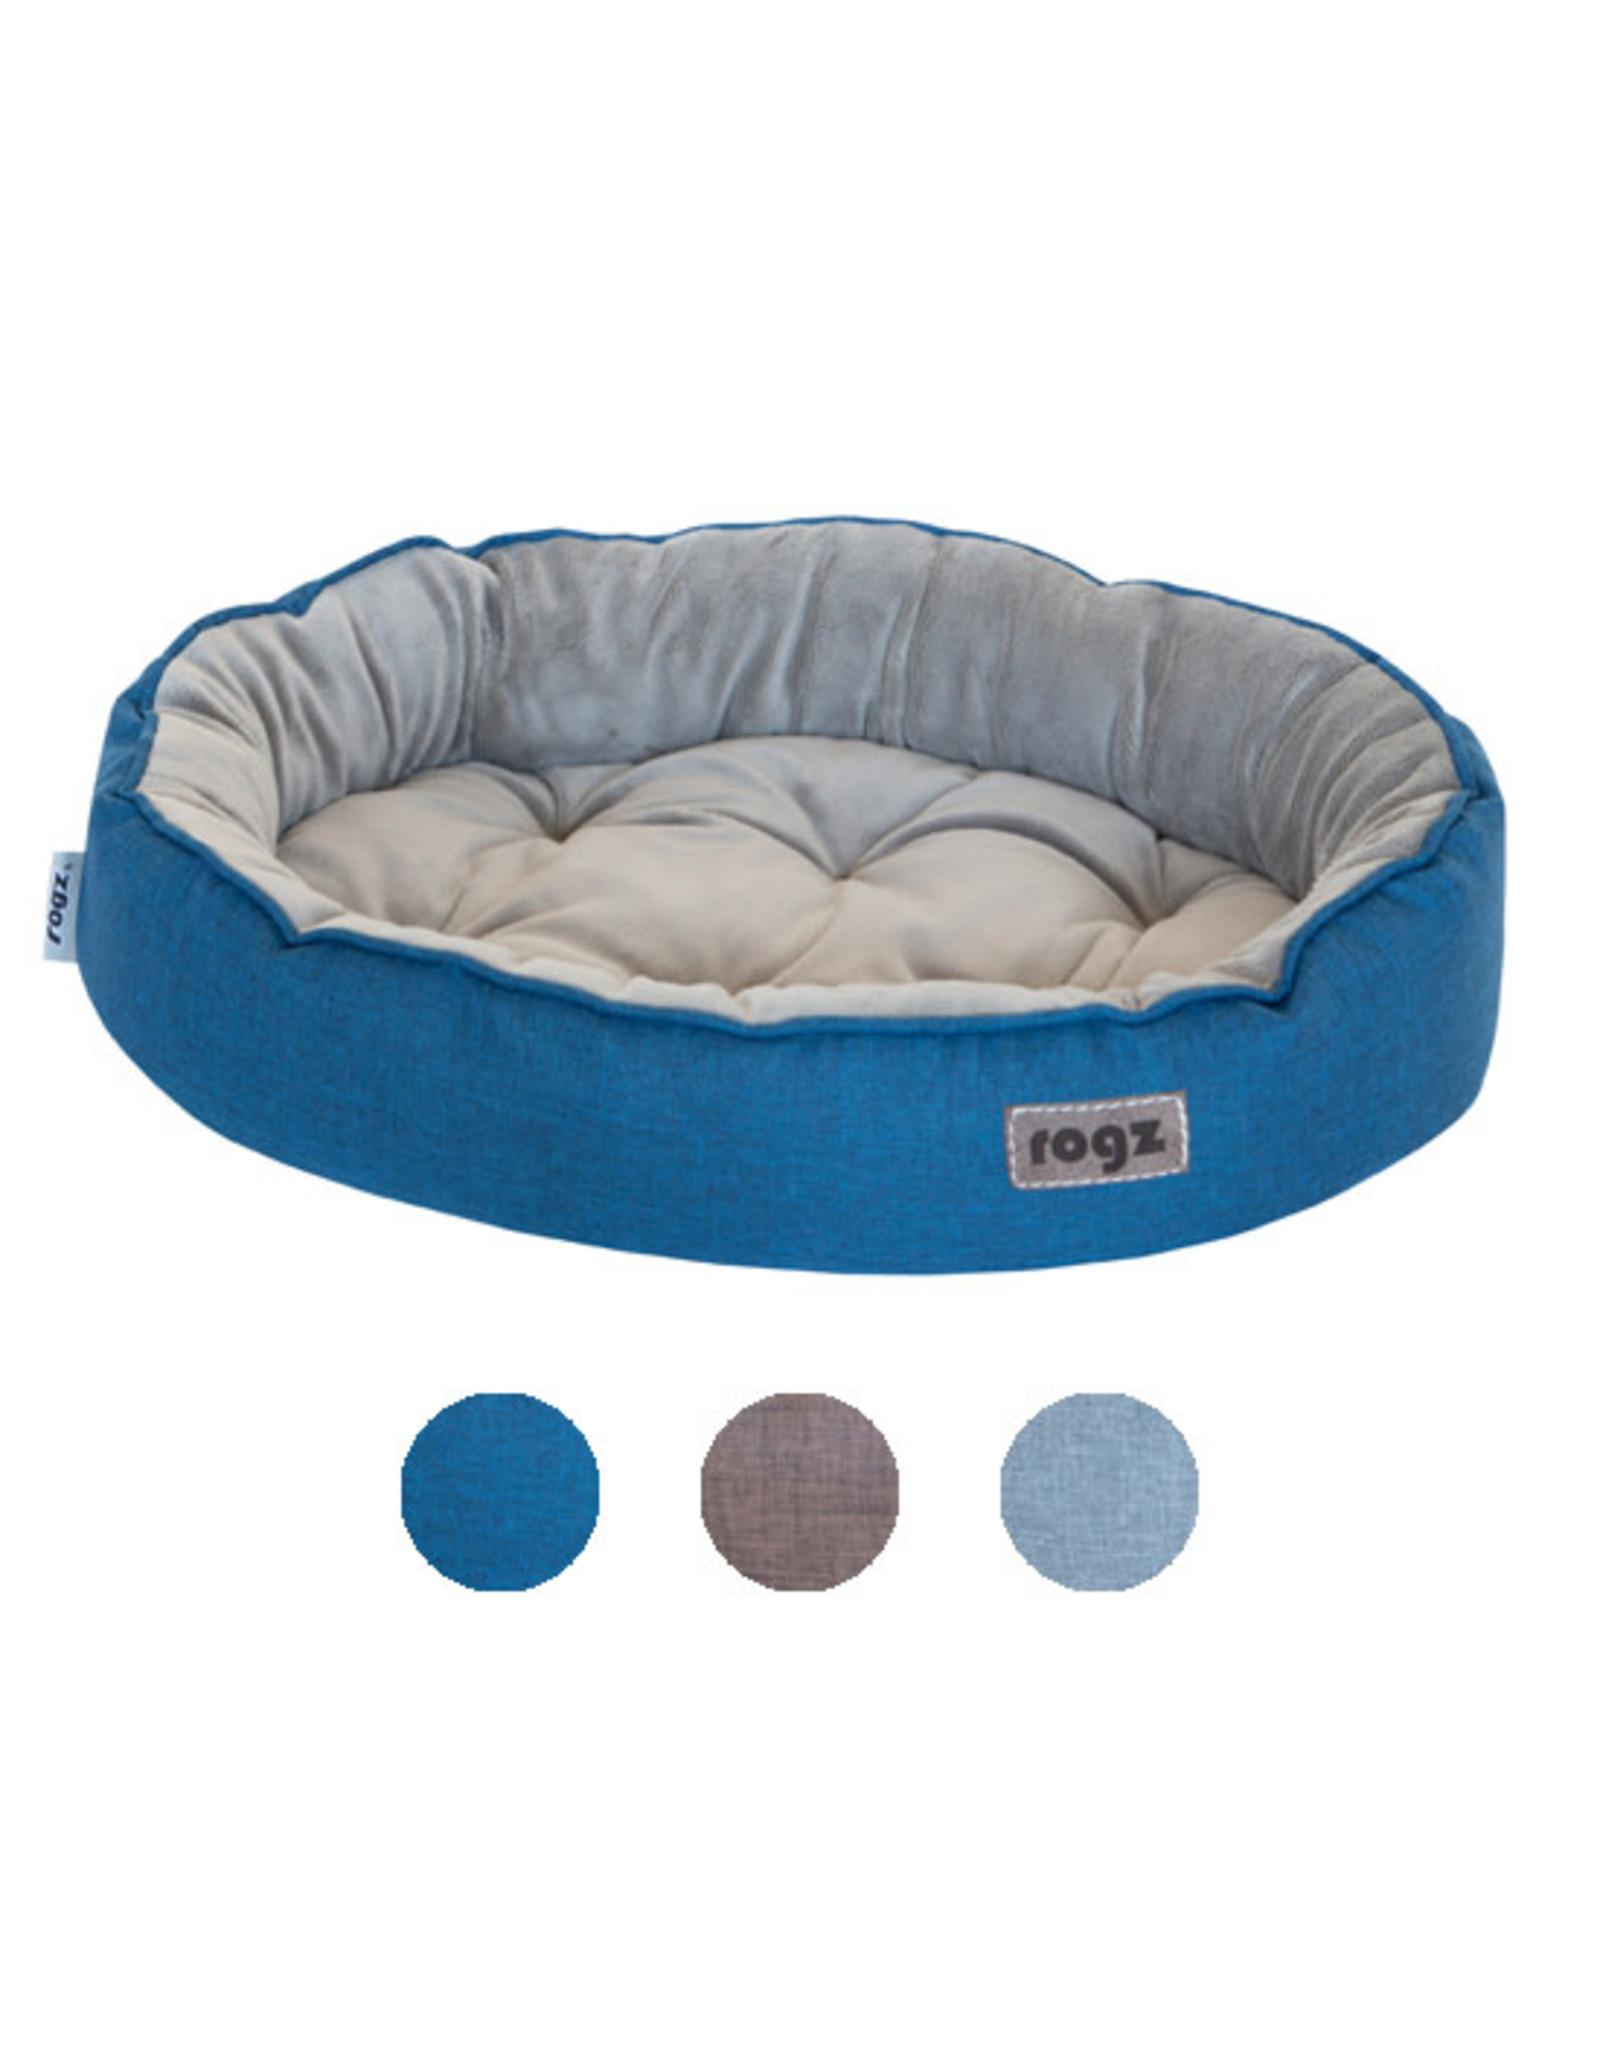 """Rogz Rogz Cuddle Oval Podz Blue Small (18.9x13.7x3"""")"""